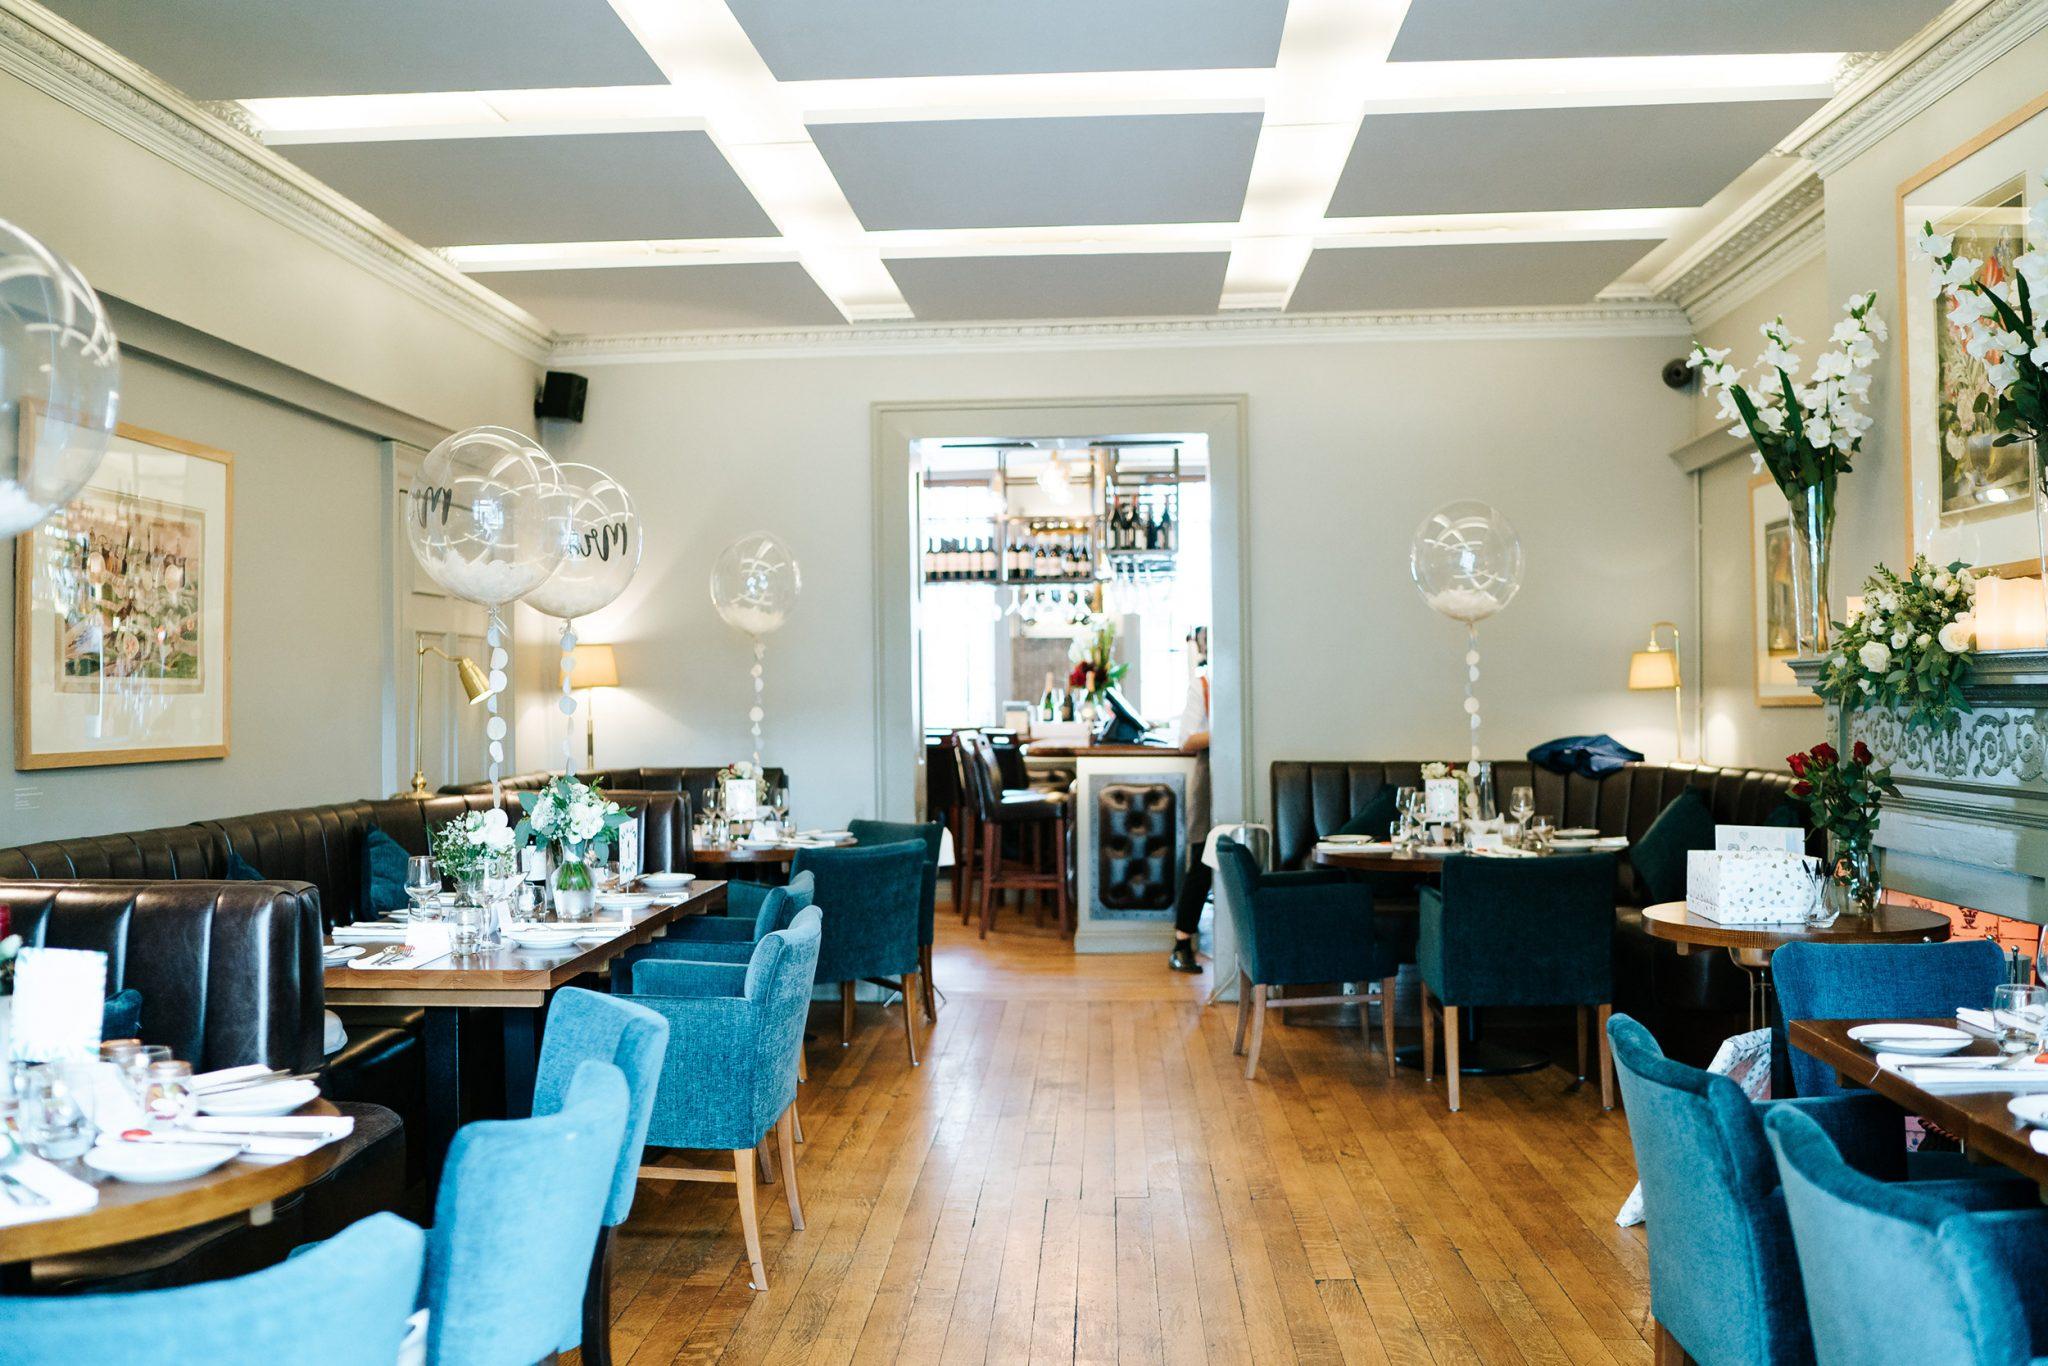 Purchases Restaurant, Chichester